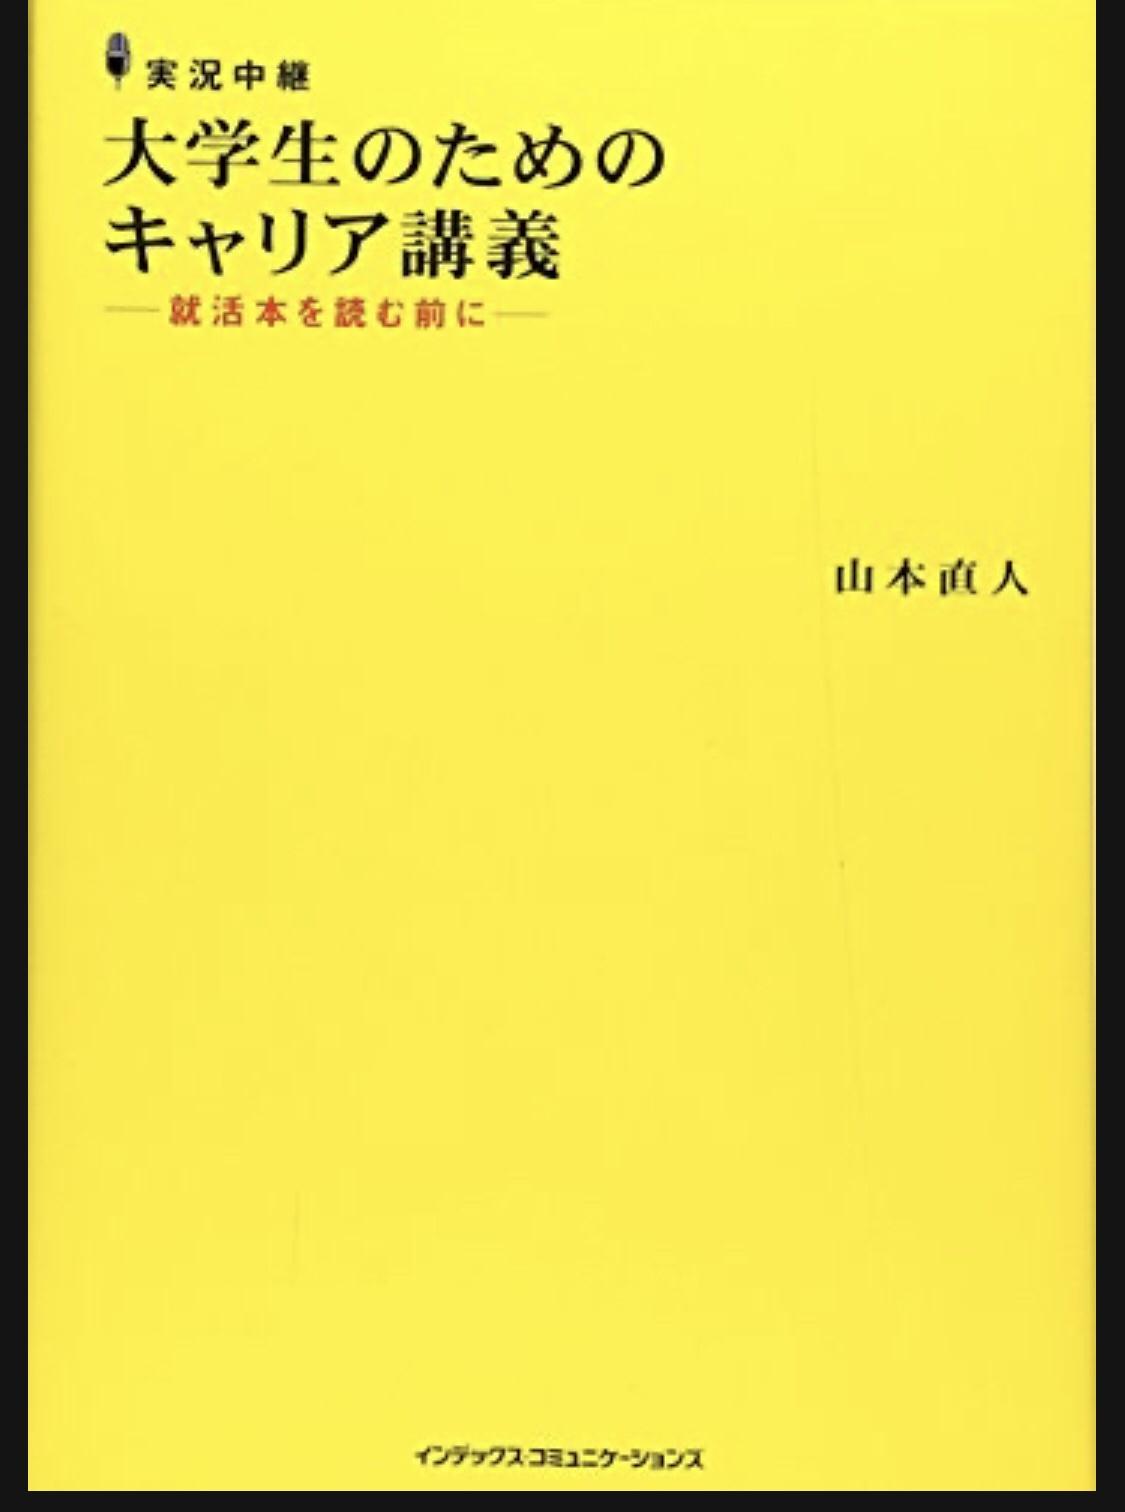 <書籍を知る>『大学生のためのキャリア講義 就活本を読む前に 』山本直人